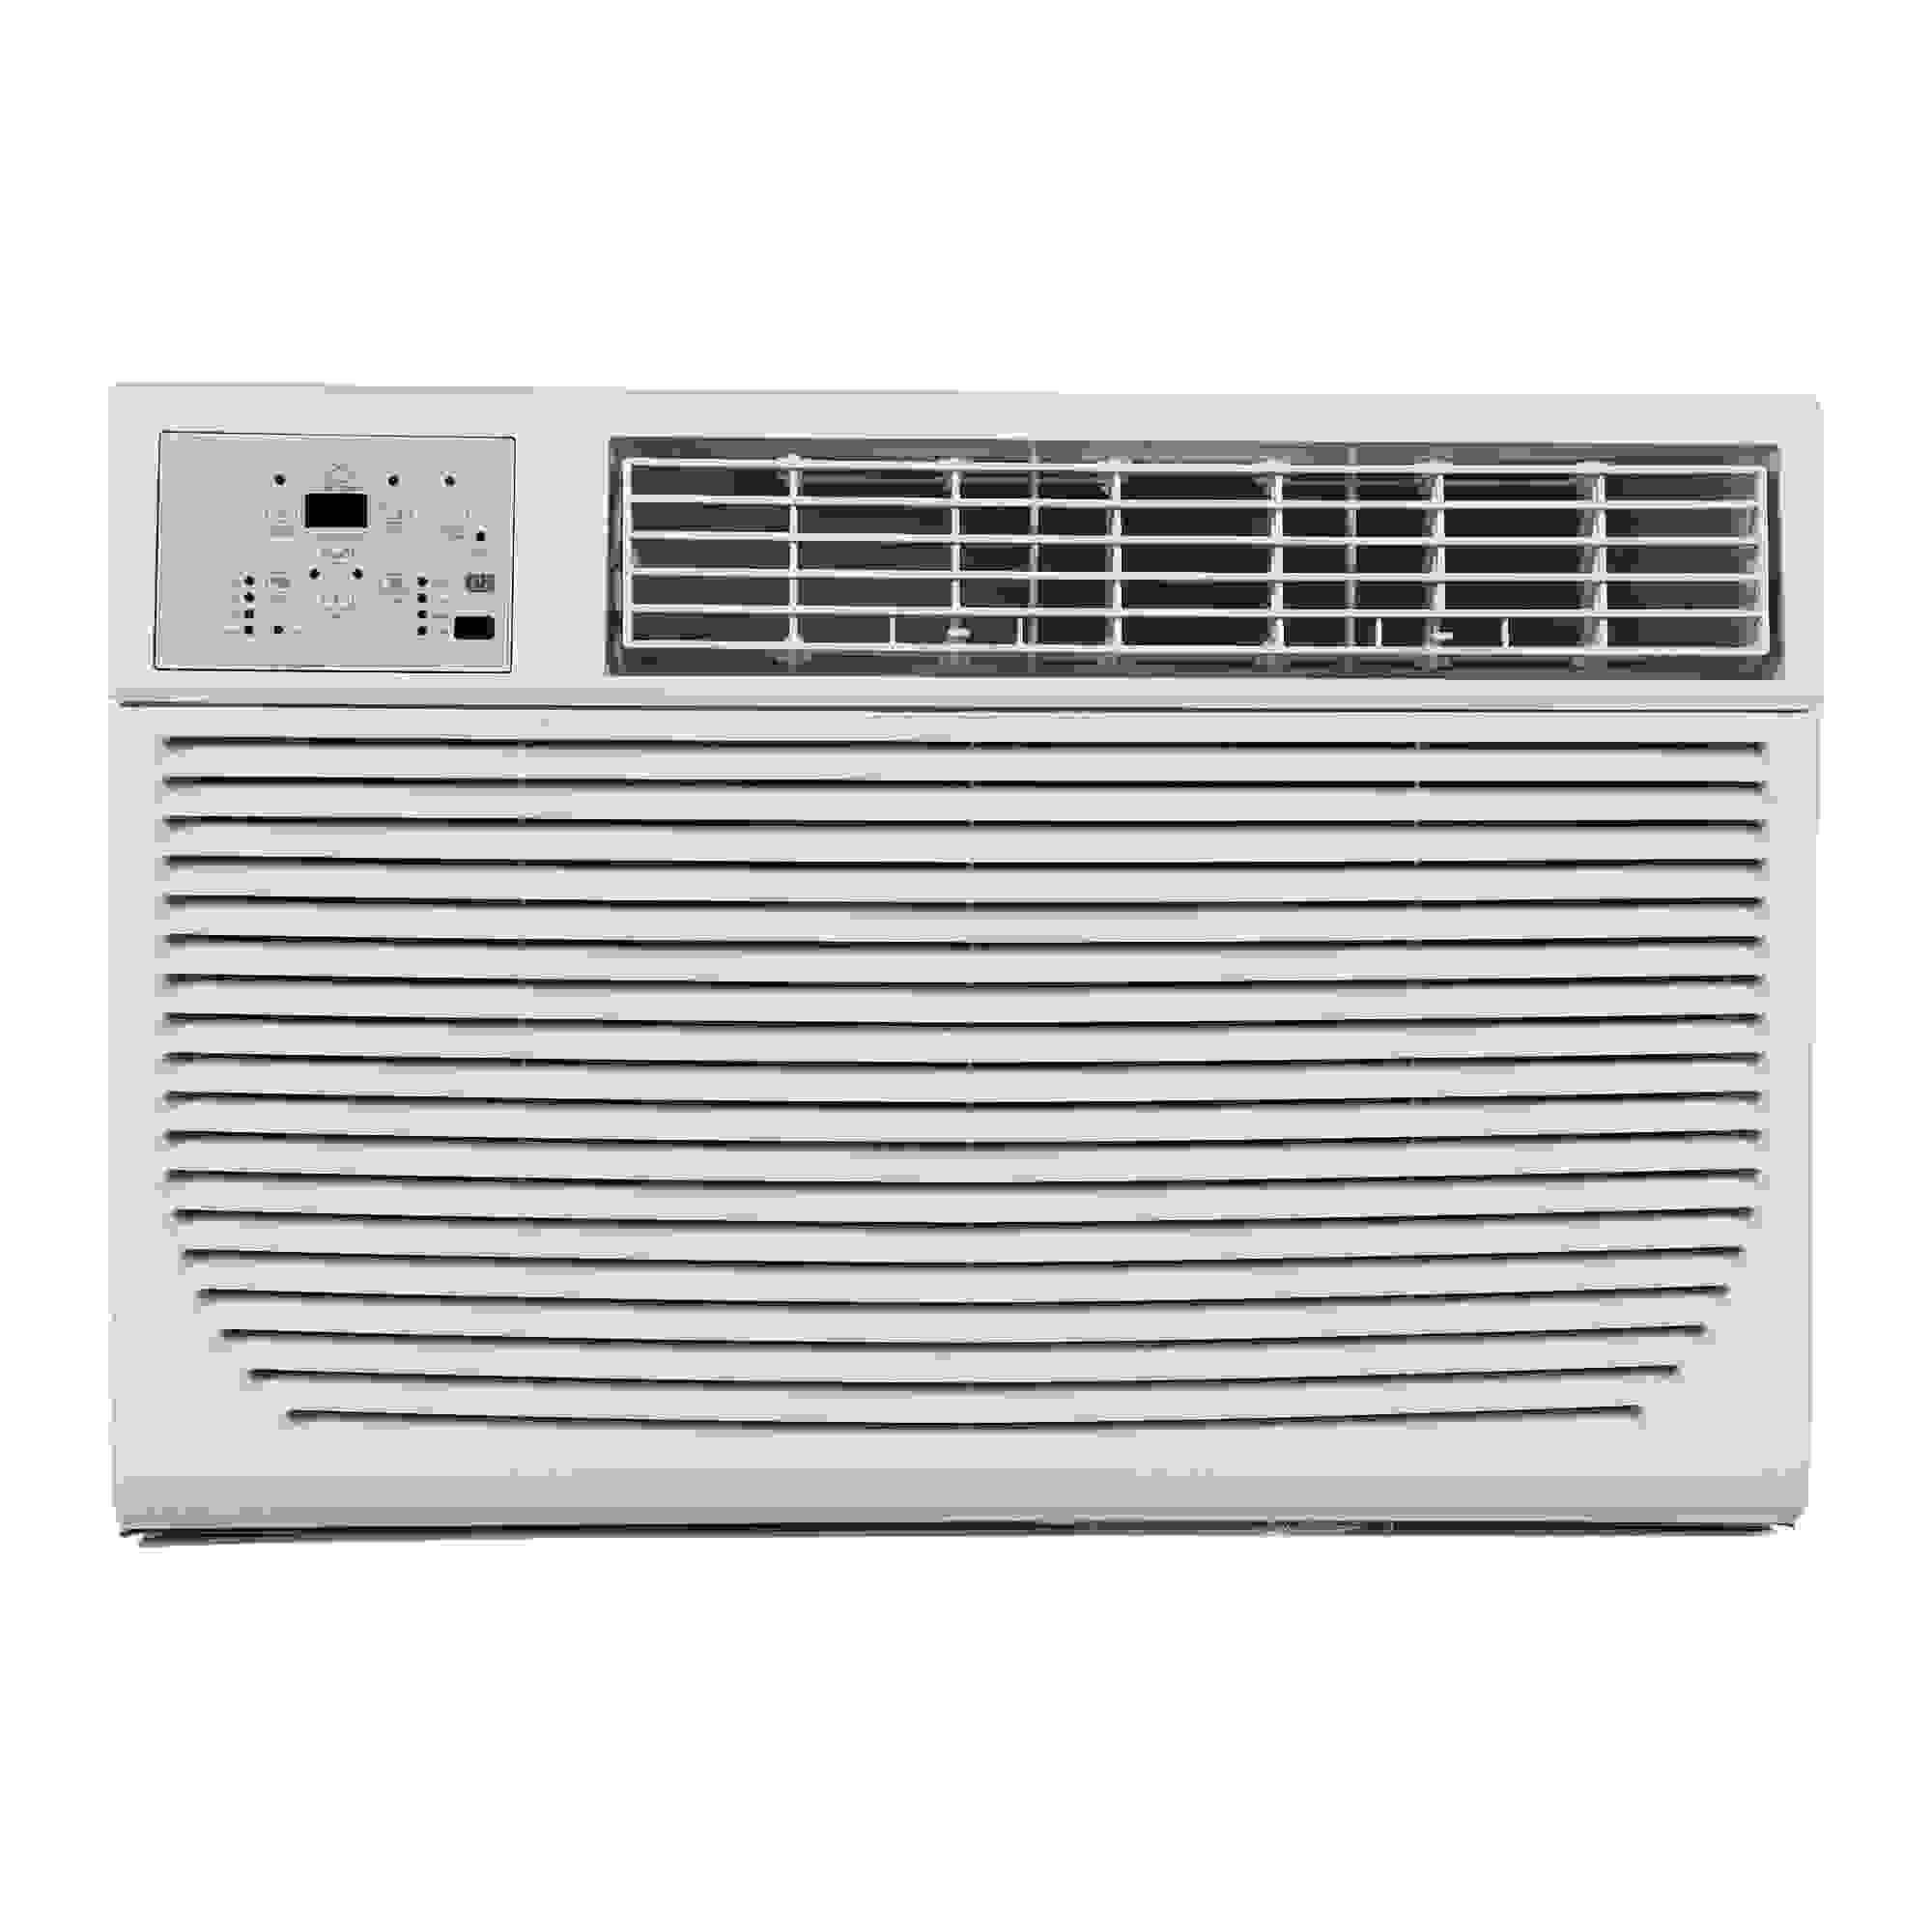 IMPECCA 12K BTU 230V TTW AC W/REMOTE E/S